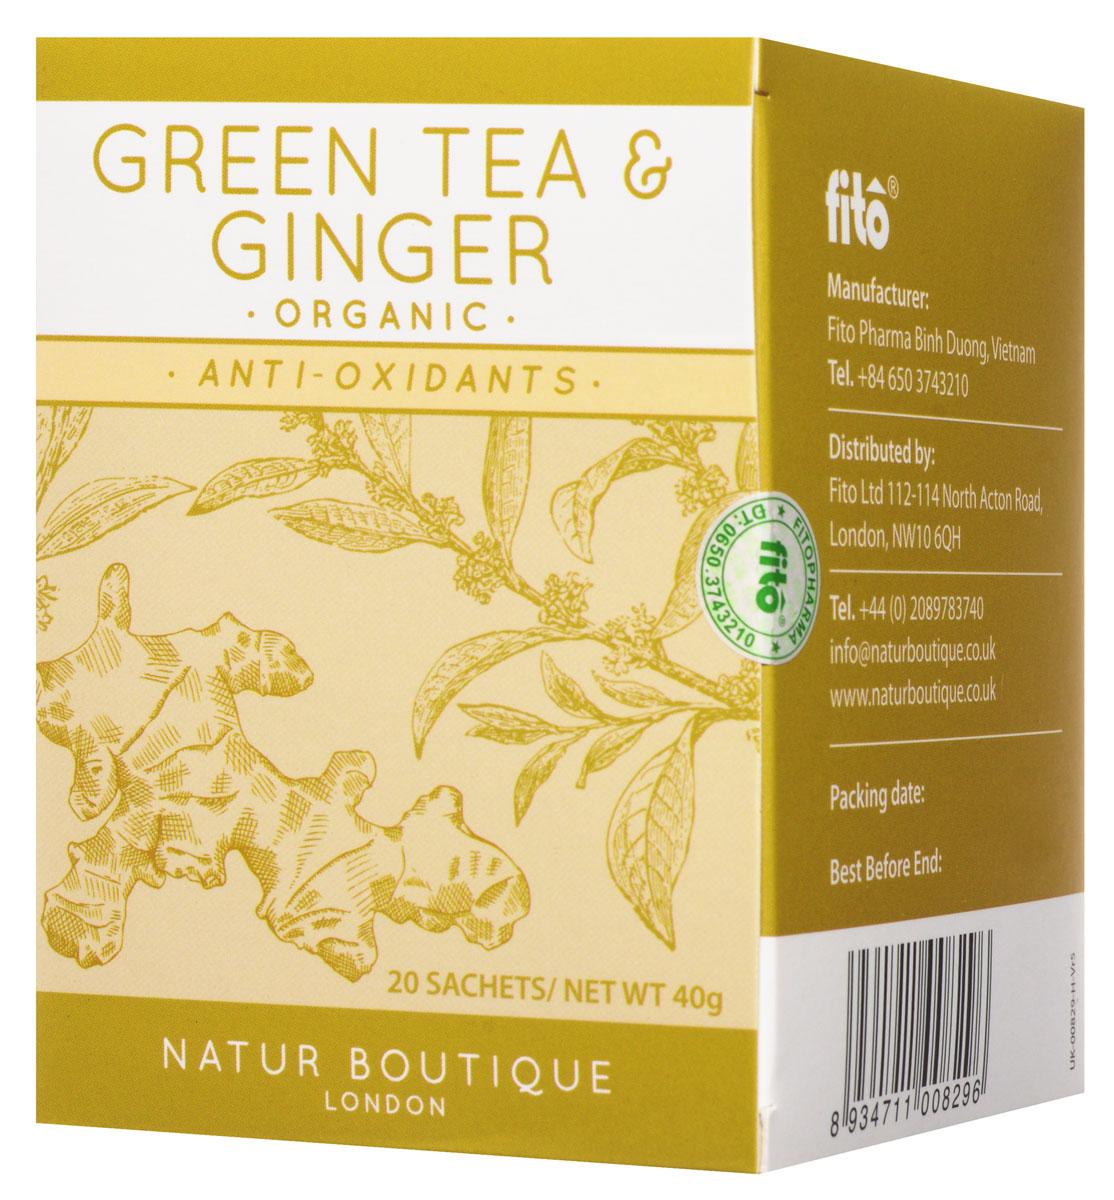 Natur Boutique Green Tea&Ginger Organic Tea органический зеленый чай с имбирем, 20 пакетиков0632-15Органический зеленый чай Natur Boutique Green Tea&Ginger Organic Tea подарит вам отличный освежающий вкус. Выращенный на лучших северных плантациях Вьетнама с использованием самых высококачественных удобрений, он обладает прекрасными целебными свойствами и великолепно сочетает в себе превосходный аромат зеленого чая и имбиря. Производство ведется без использования химических добавок и ароматизаторов, что помогает достигать потрясающего натурального вкуса.В его состав входят только зеленый чай и имбирь. Добавление каких-либо примесей недопустимо. Данный товар имеет огромную пользу для каждого человека, ведь употребление этого чая поспособствует повышению умственных и физических показателей организма, а также значительному улучшению его тонуса. Повышенное содержание антиоксидантов позволяет достигать великолепных результатов и очищать организм от вредоносного воздействия загрязнённой окружающей среды. Natur Boutique также прекрасно восстанавливает метаболизм и корректирует вес, что самым лучшим образом отразится на здоровье каждого человека, а содержащийся в нем имбирь улучшает пищеварение, освежает и отлично помогает при простуде.